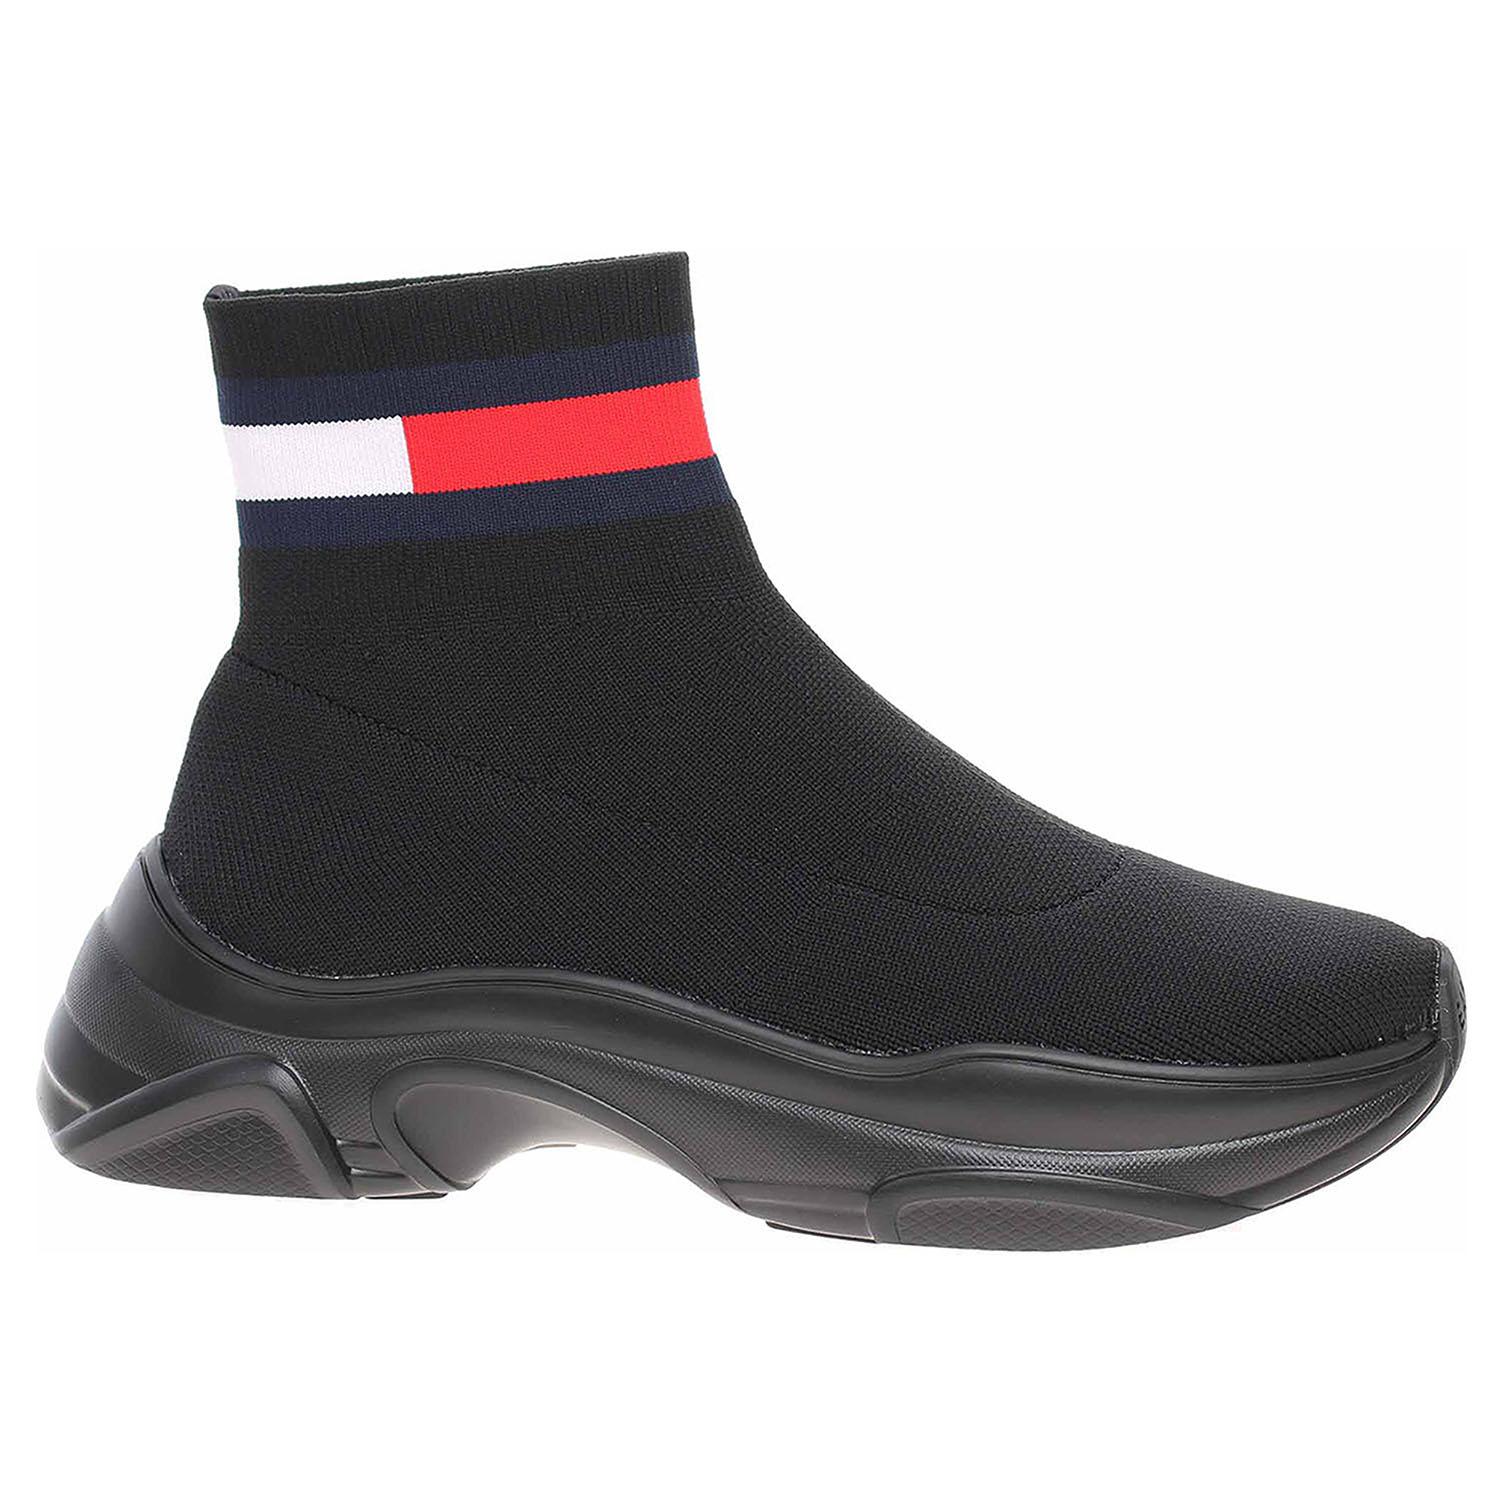 Dámská kotníková obuv Tommy Hilfiger EN0EN01163 BDS black EN0EN01163 BDS 39